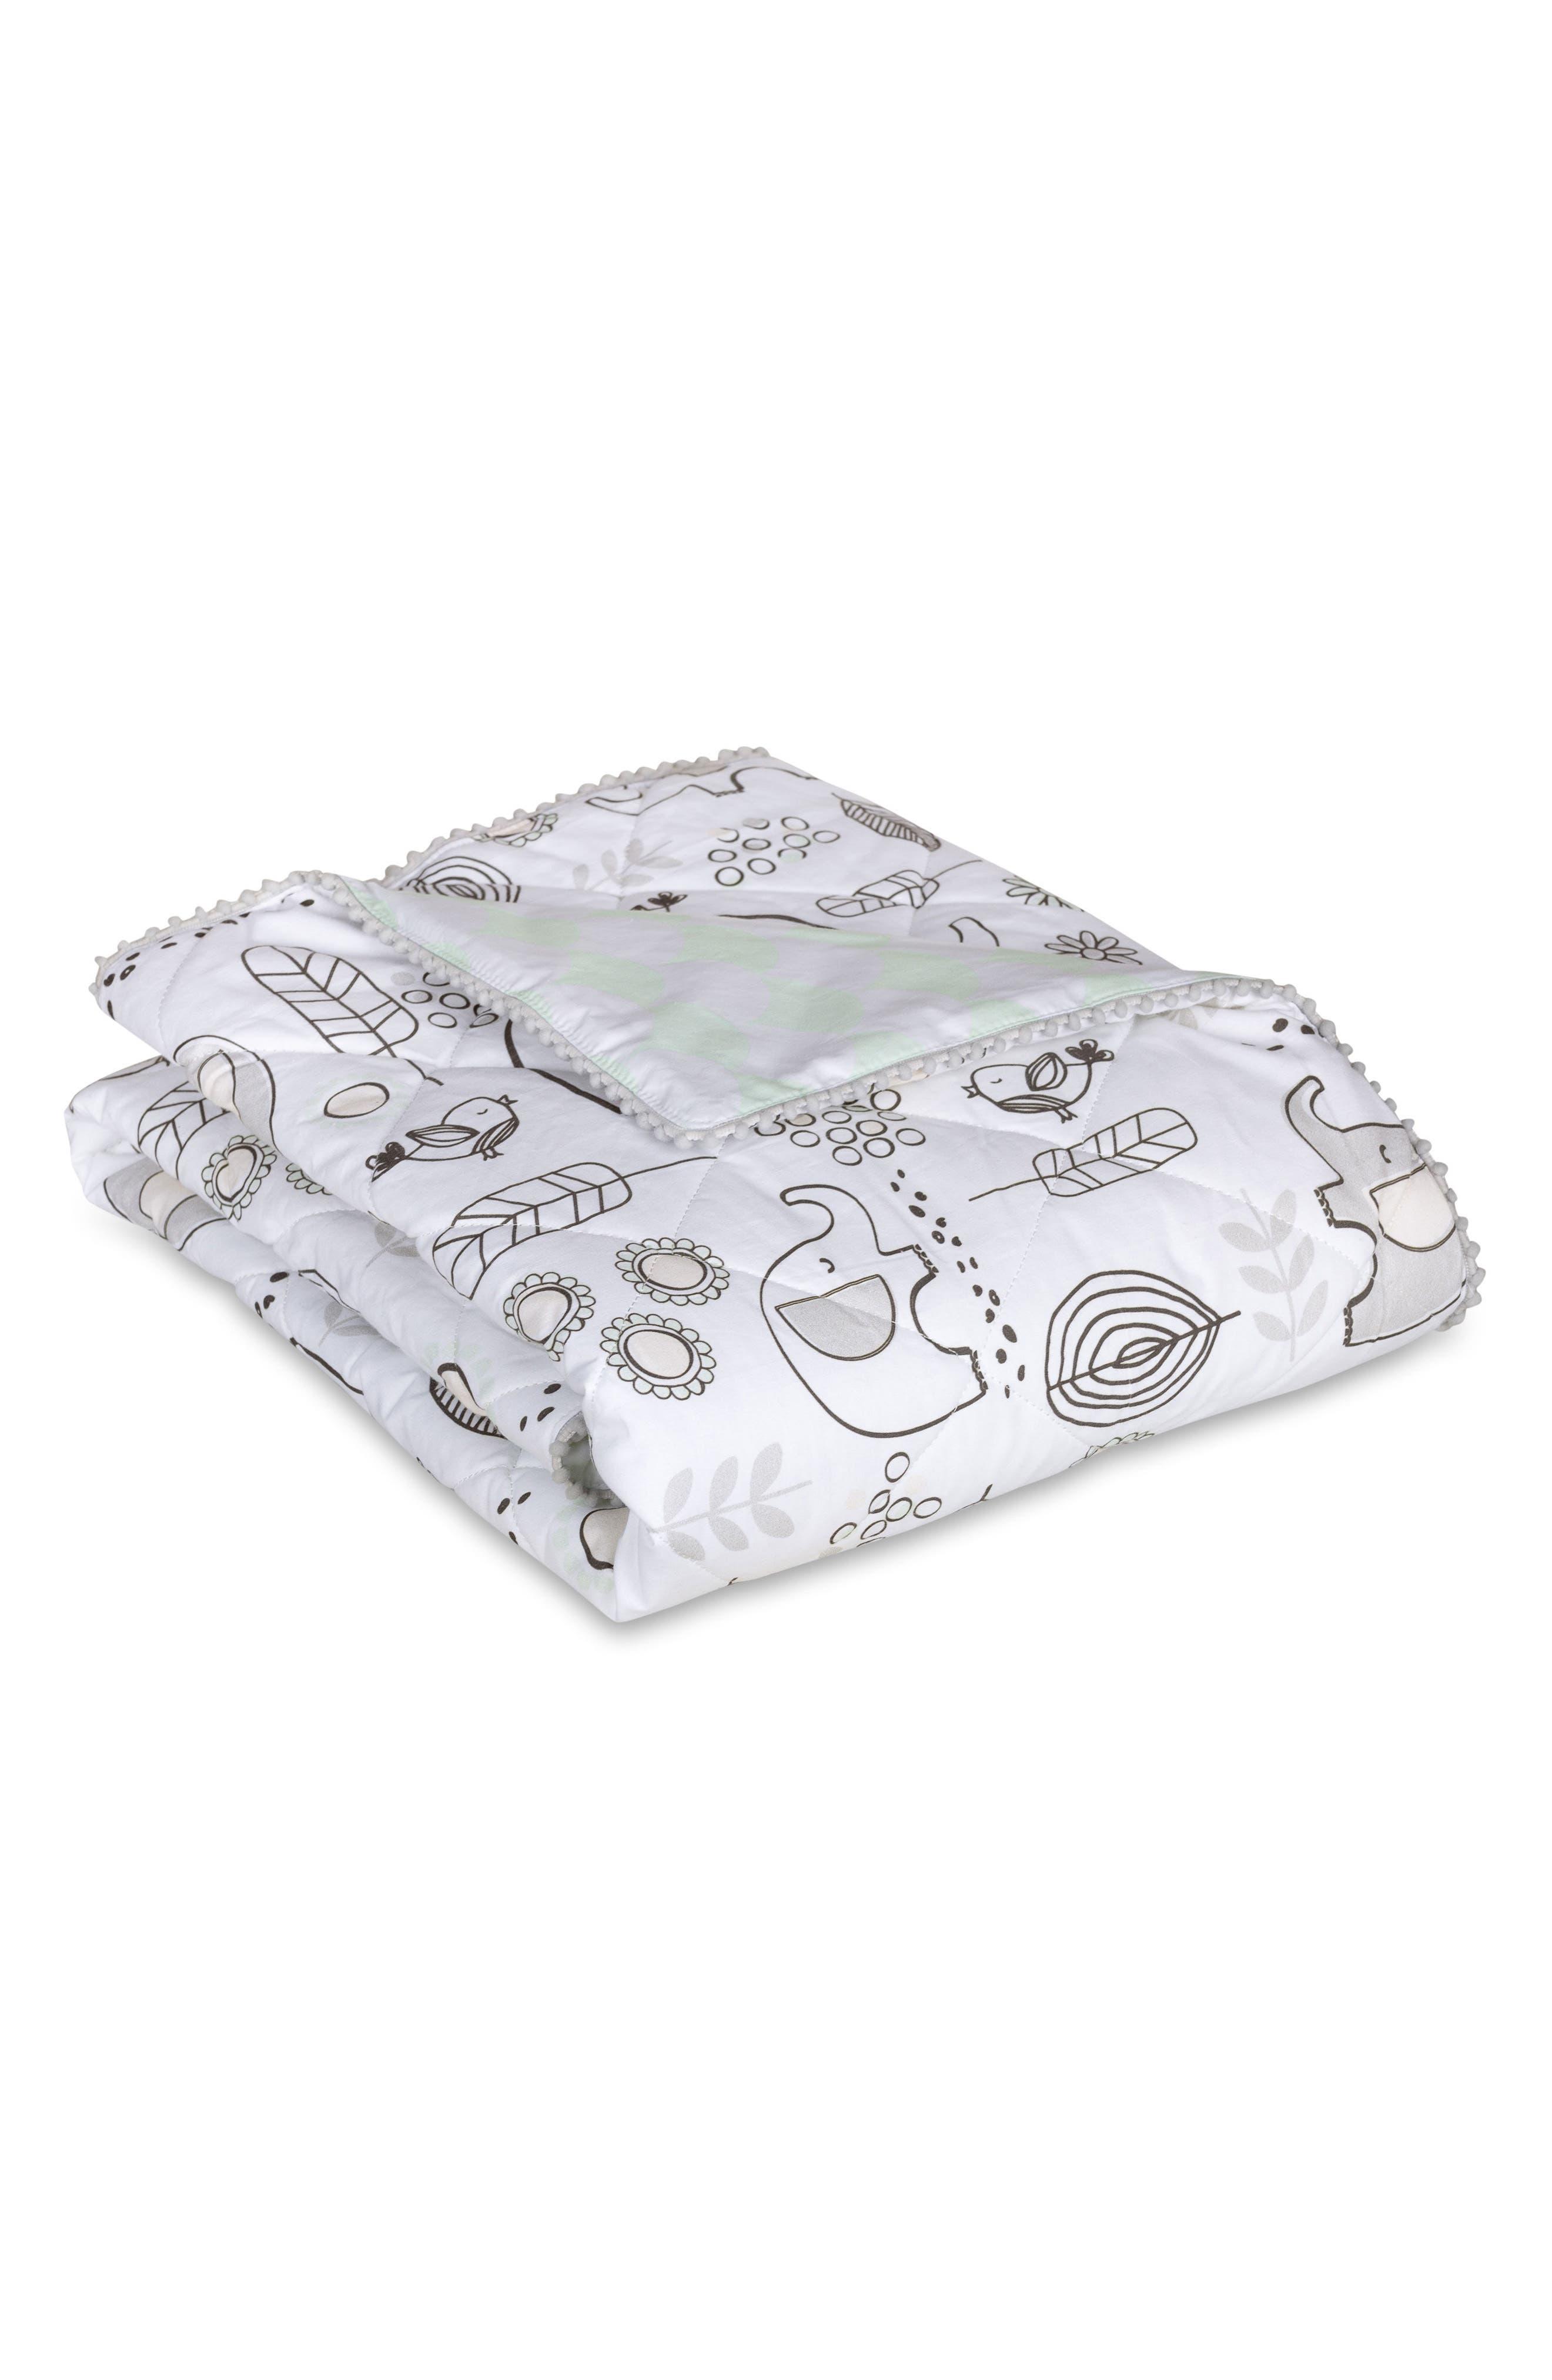 Living Textiles Kayden Quilted Comforter